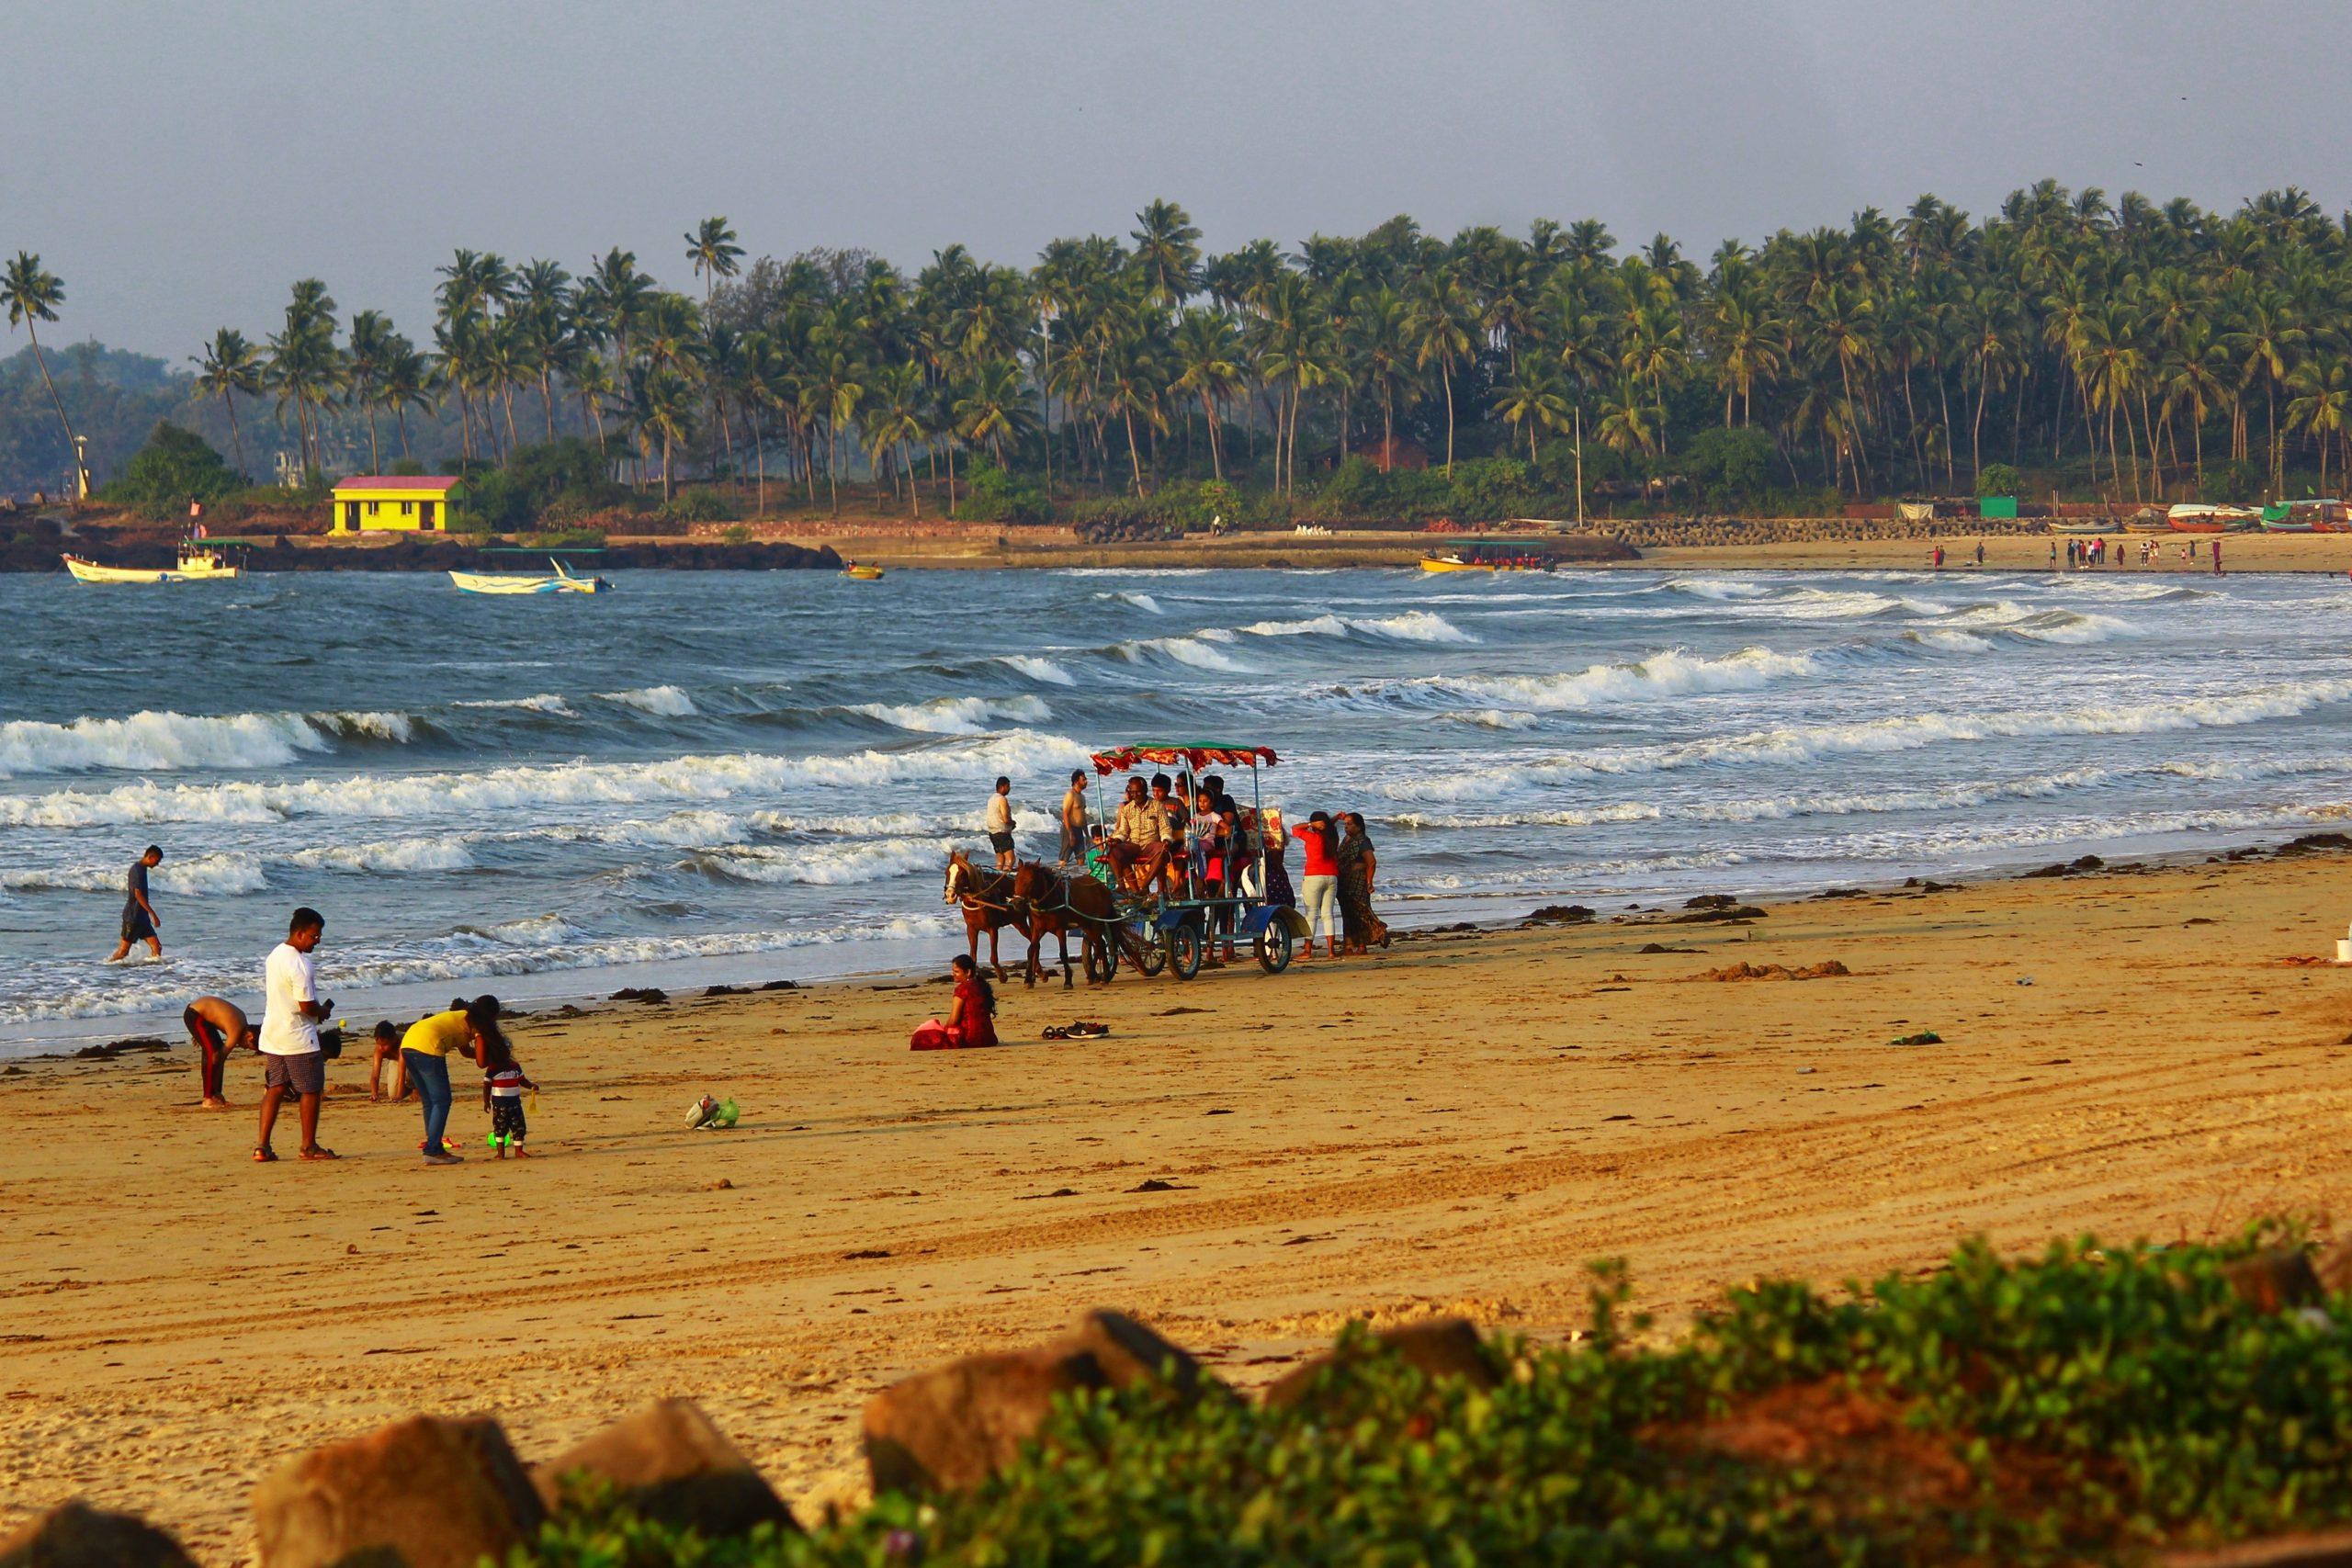 People at Chiwala beach